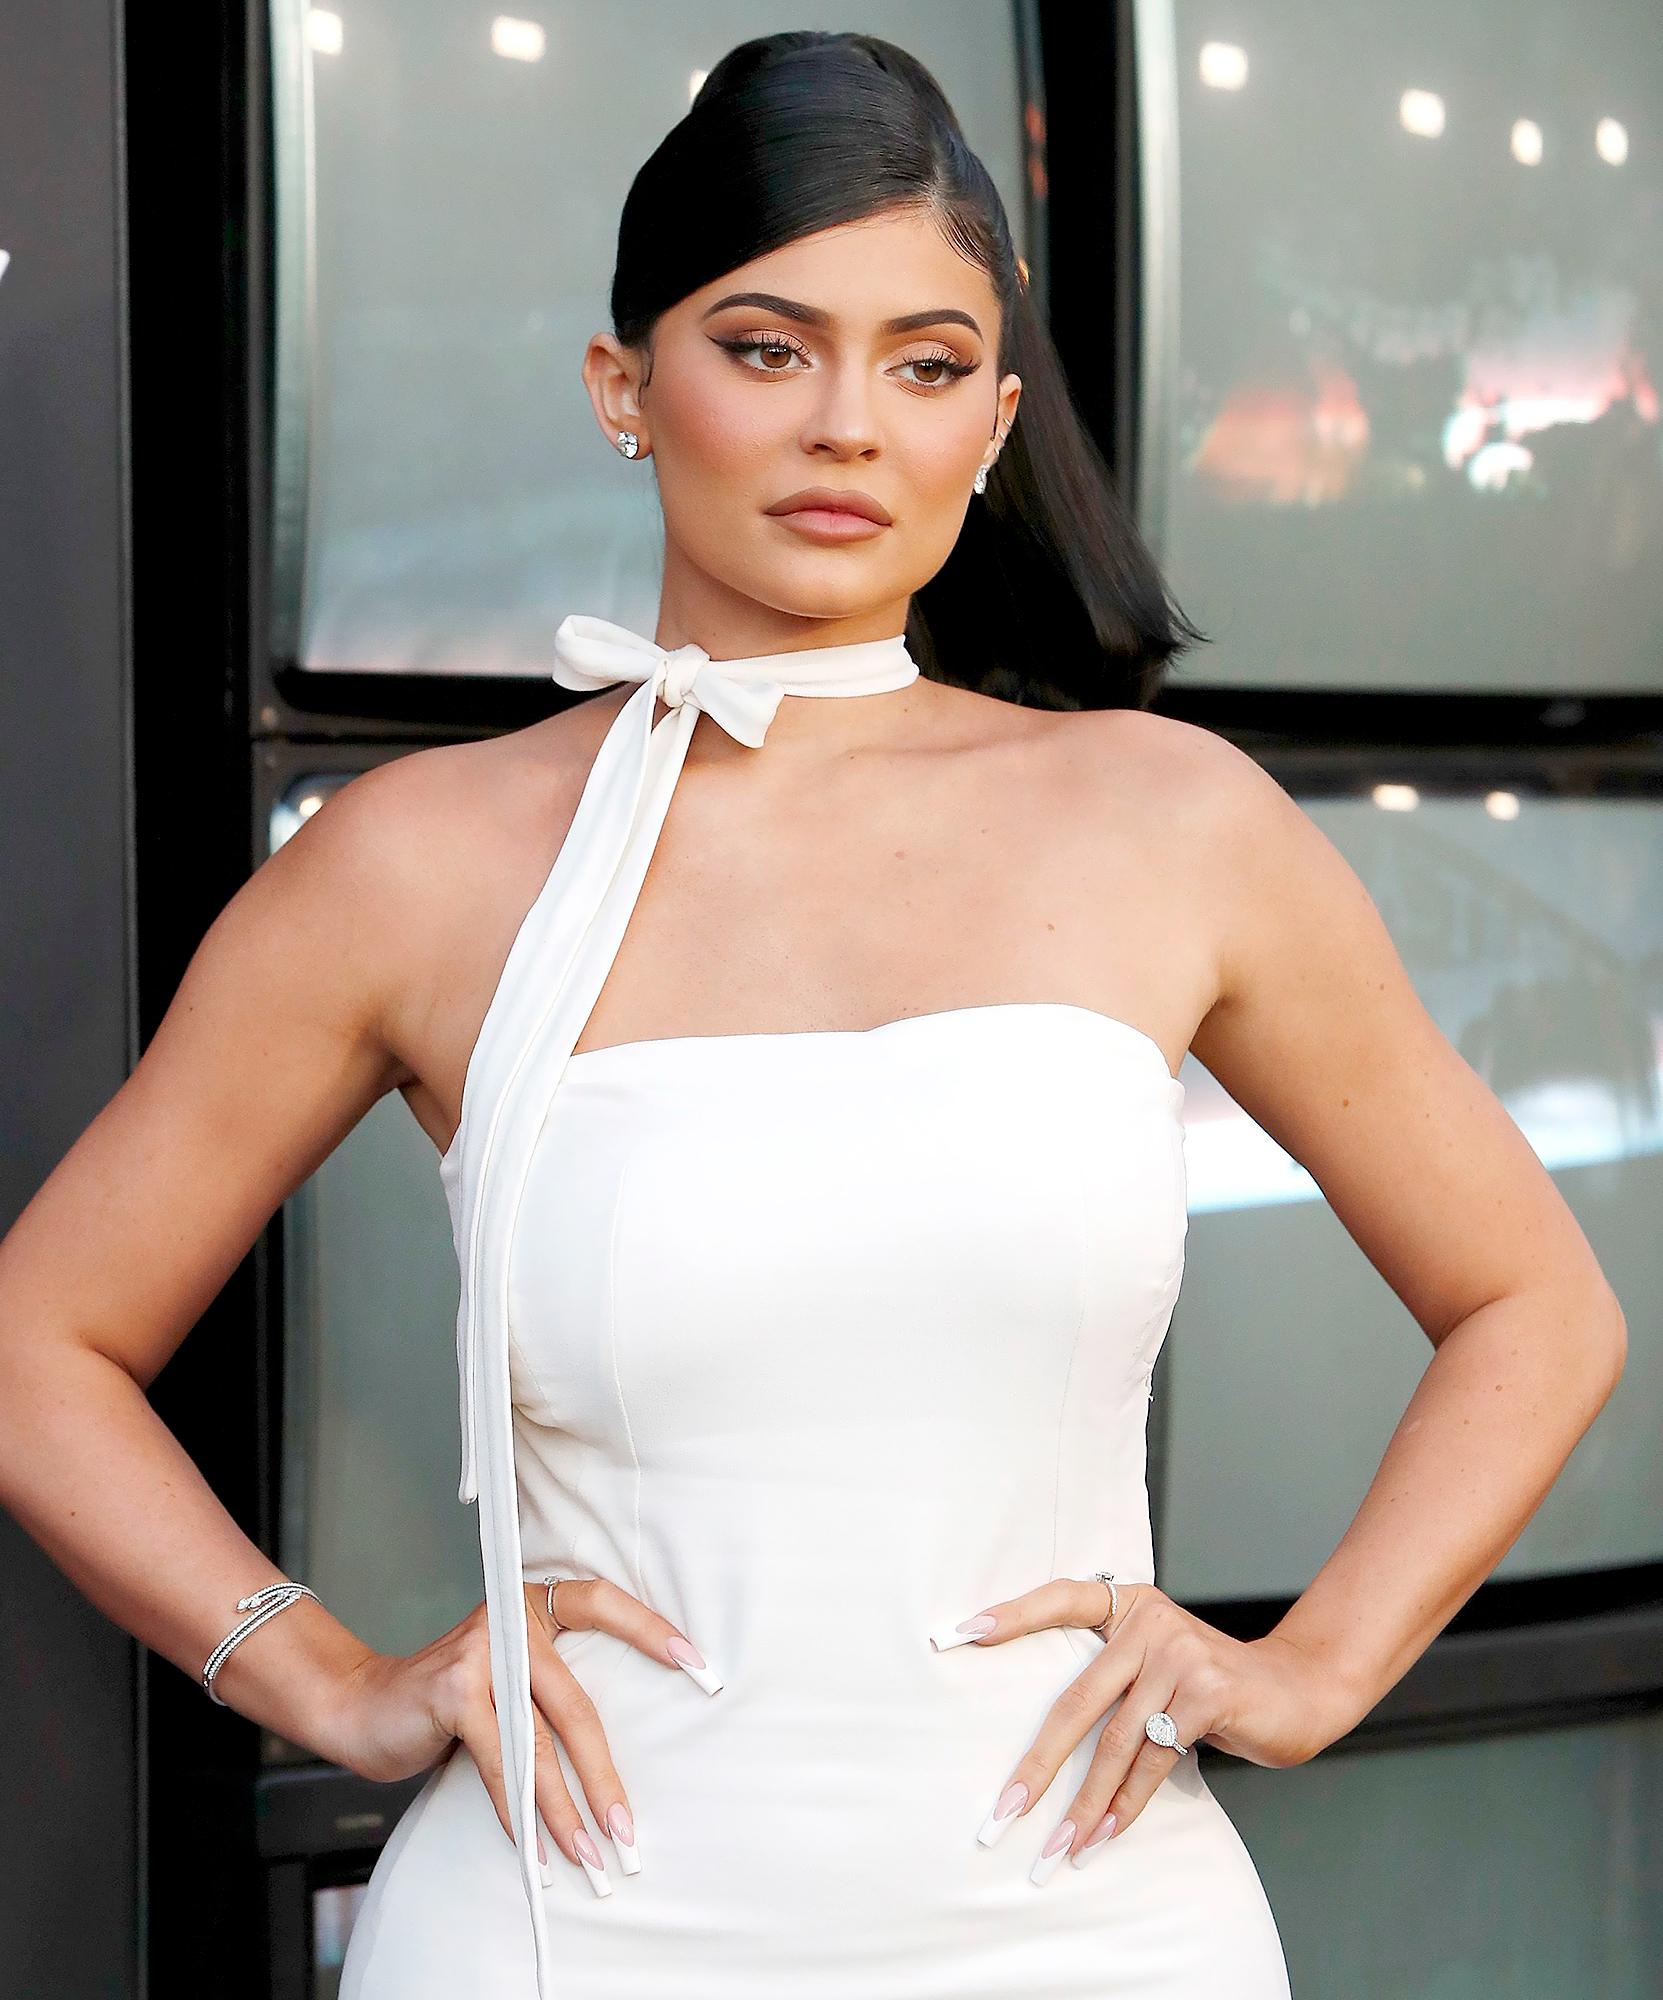 Kylie-Jenner-Slammed-for-Mourning-Australian-Animals-But-Wearing-Fur-Slippers